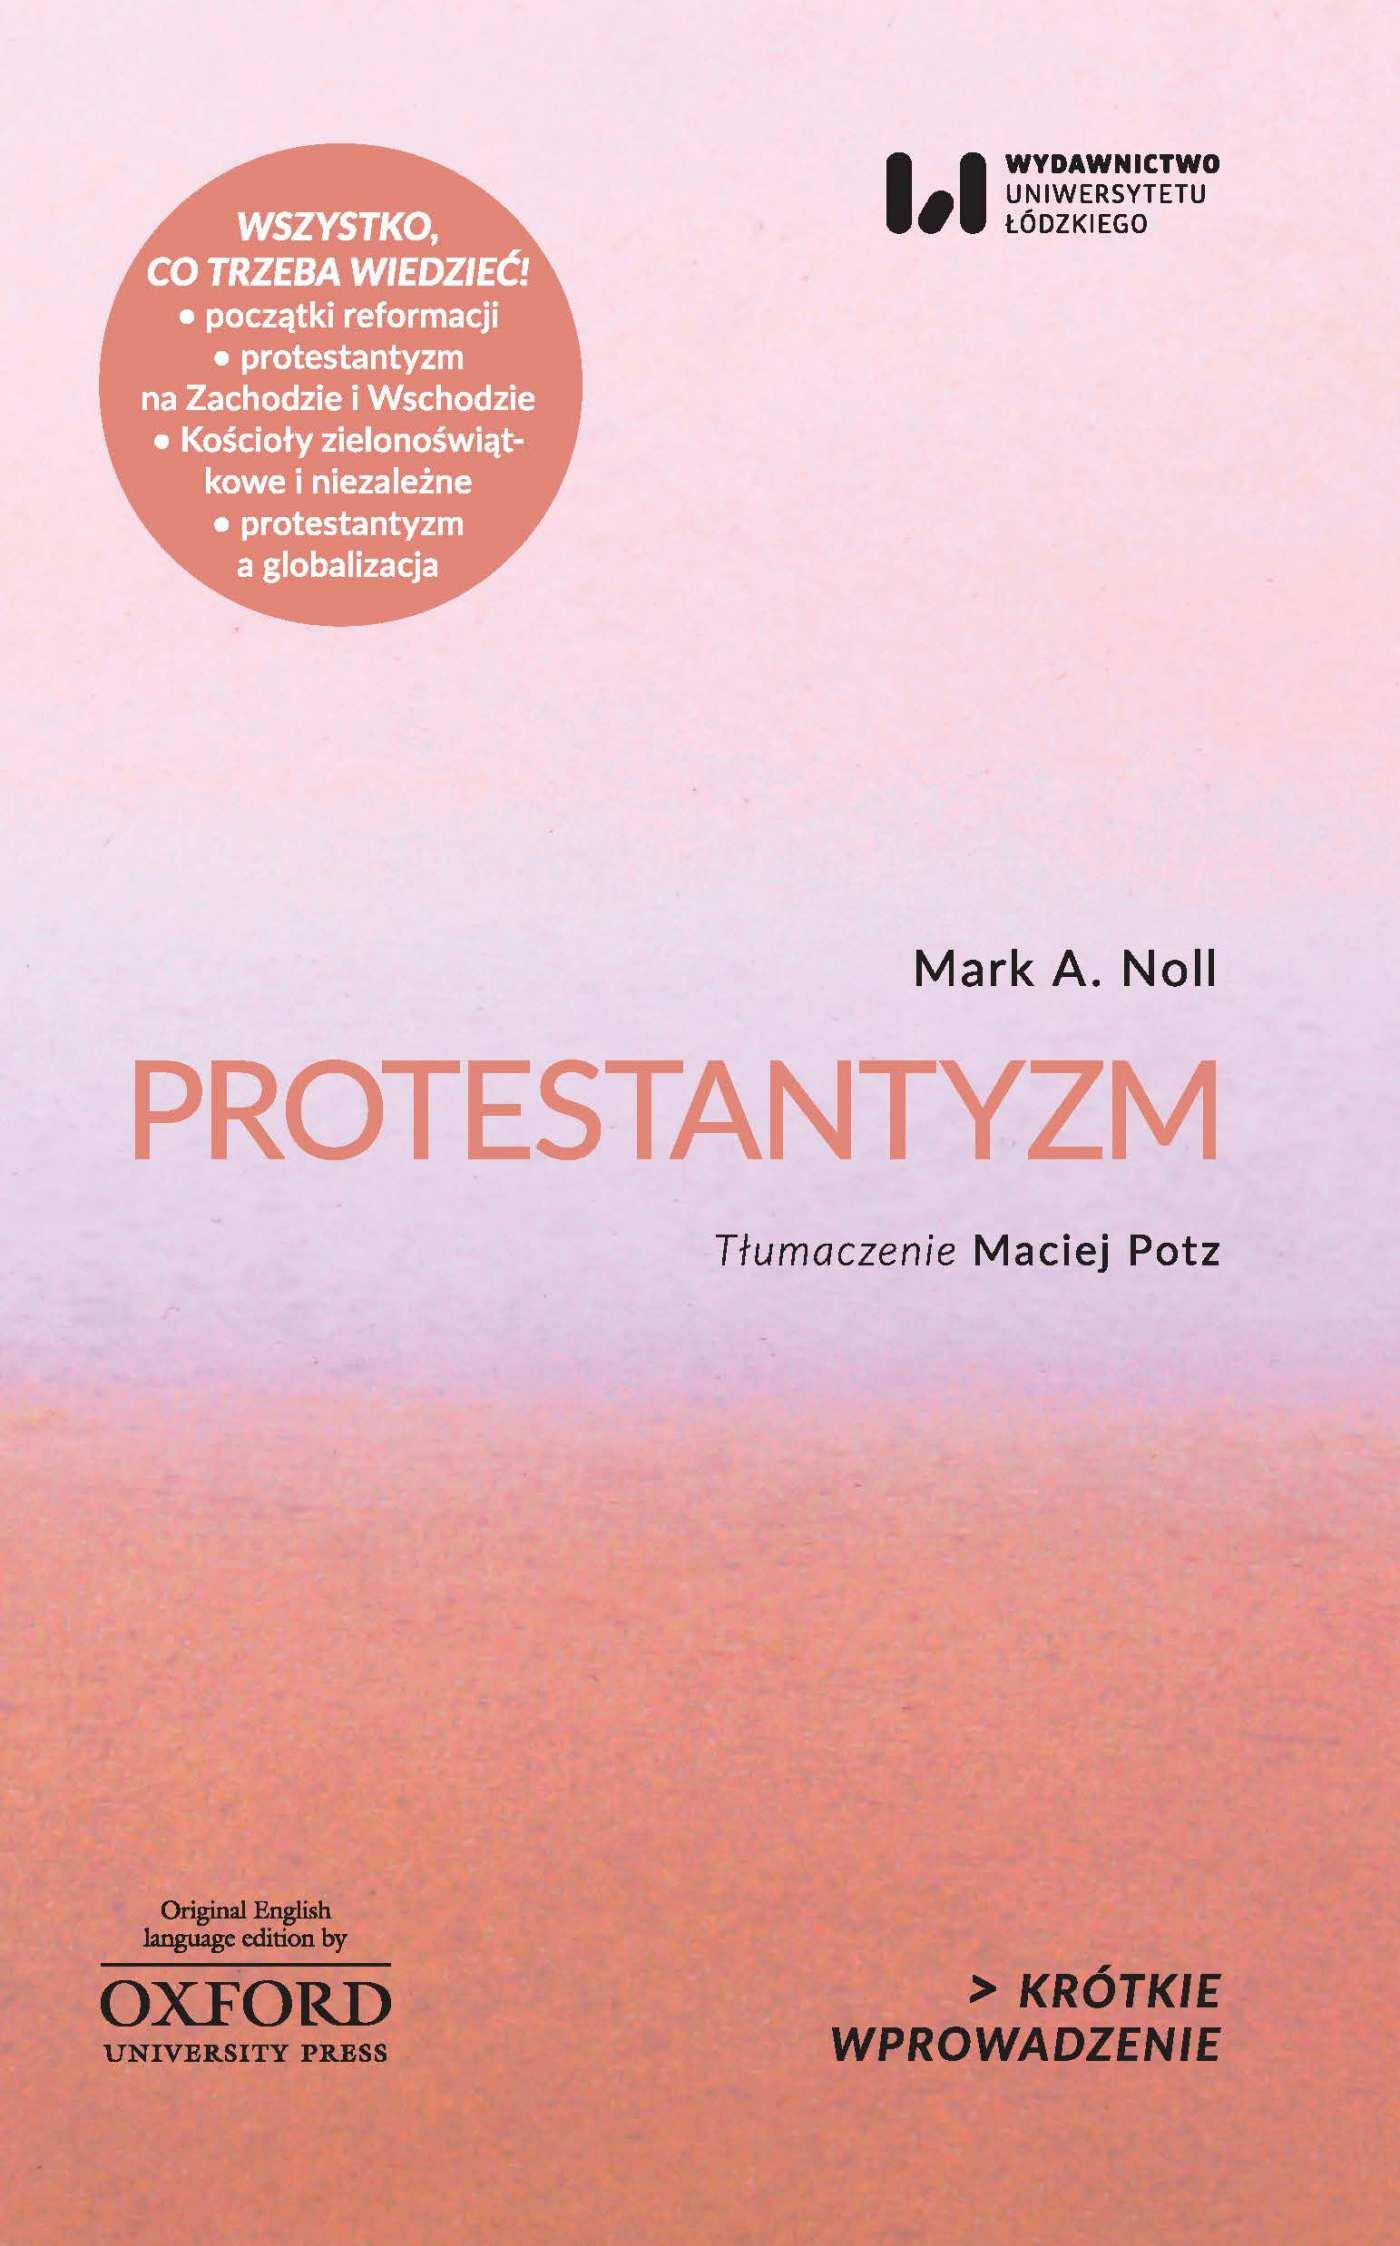 Protestantyzm. Krótkie Wprowadzenie 2 - Ebook (Książka PDF) do pobrania w formacie PDF